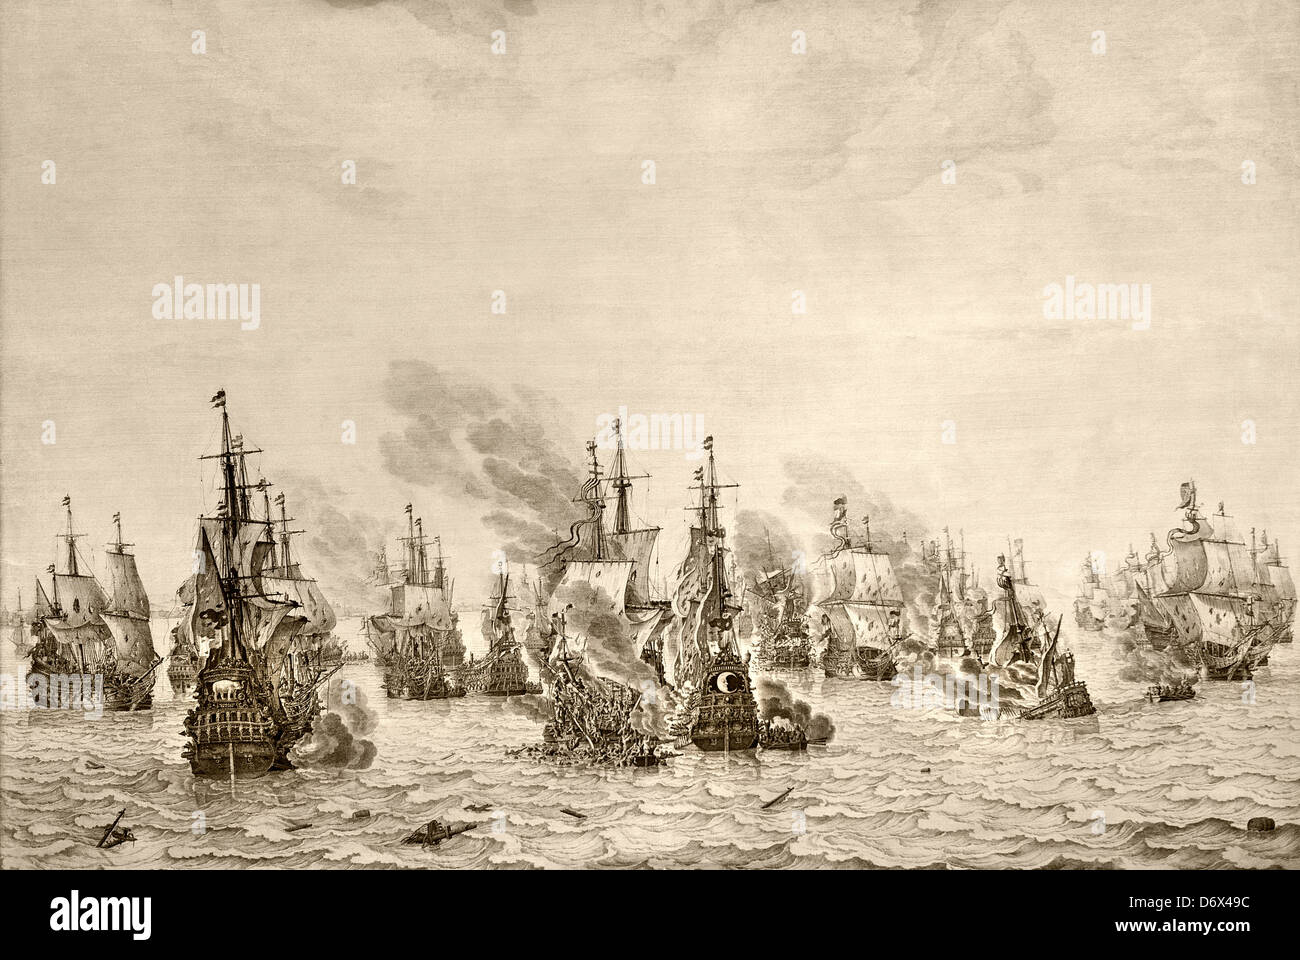 The battle against the Spaniards at Dunkirk 1659 De zeeslag tegen de Spanjaarden bij Duinkerken  Willem van de Velde - Stock Image